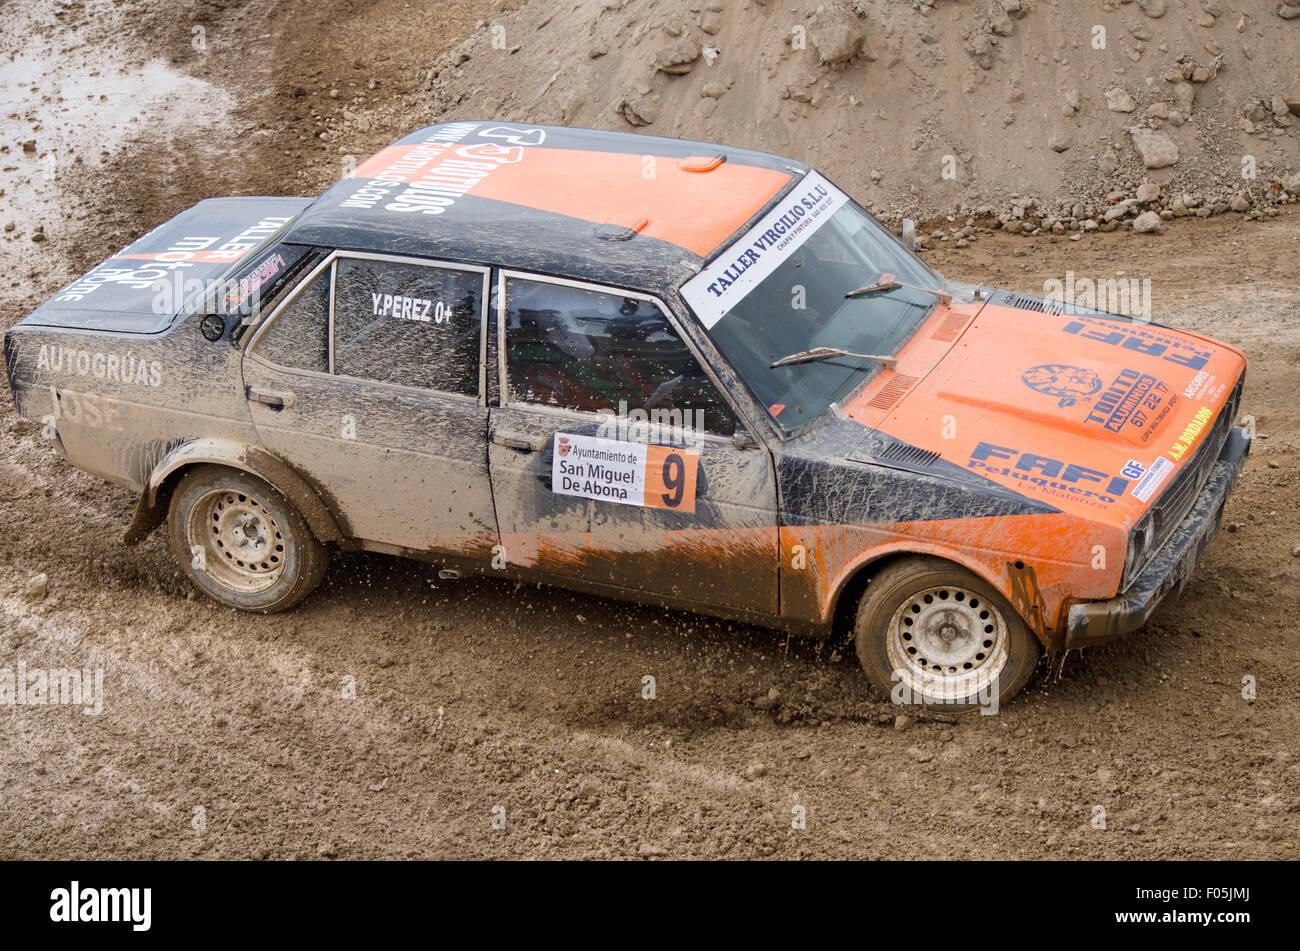 TENERIFE, ESPAGNE - 2 août: Seat 131, vintage voiture rallye, au cours de sa participation à un Photo Stock